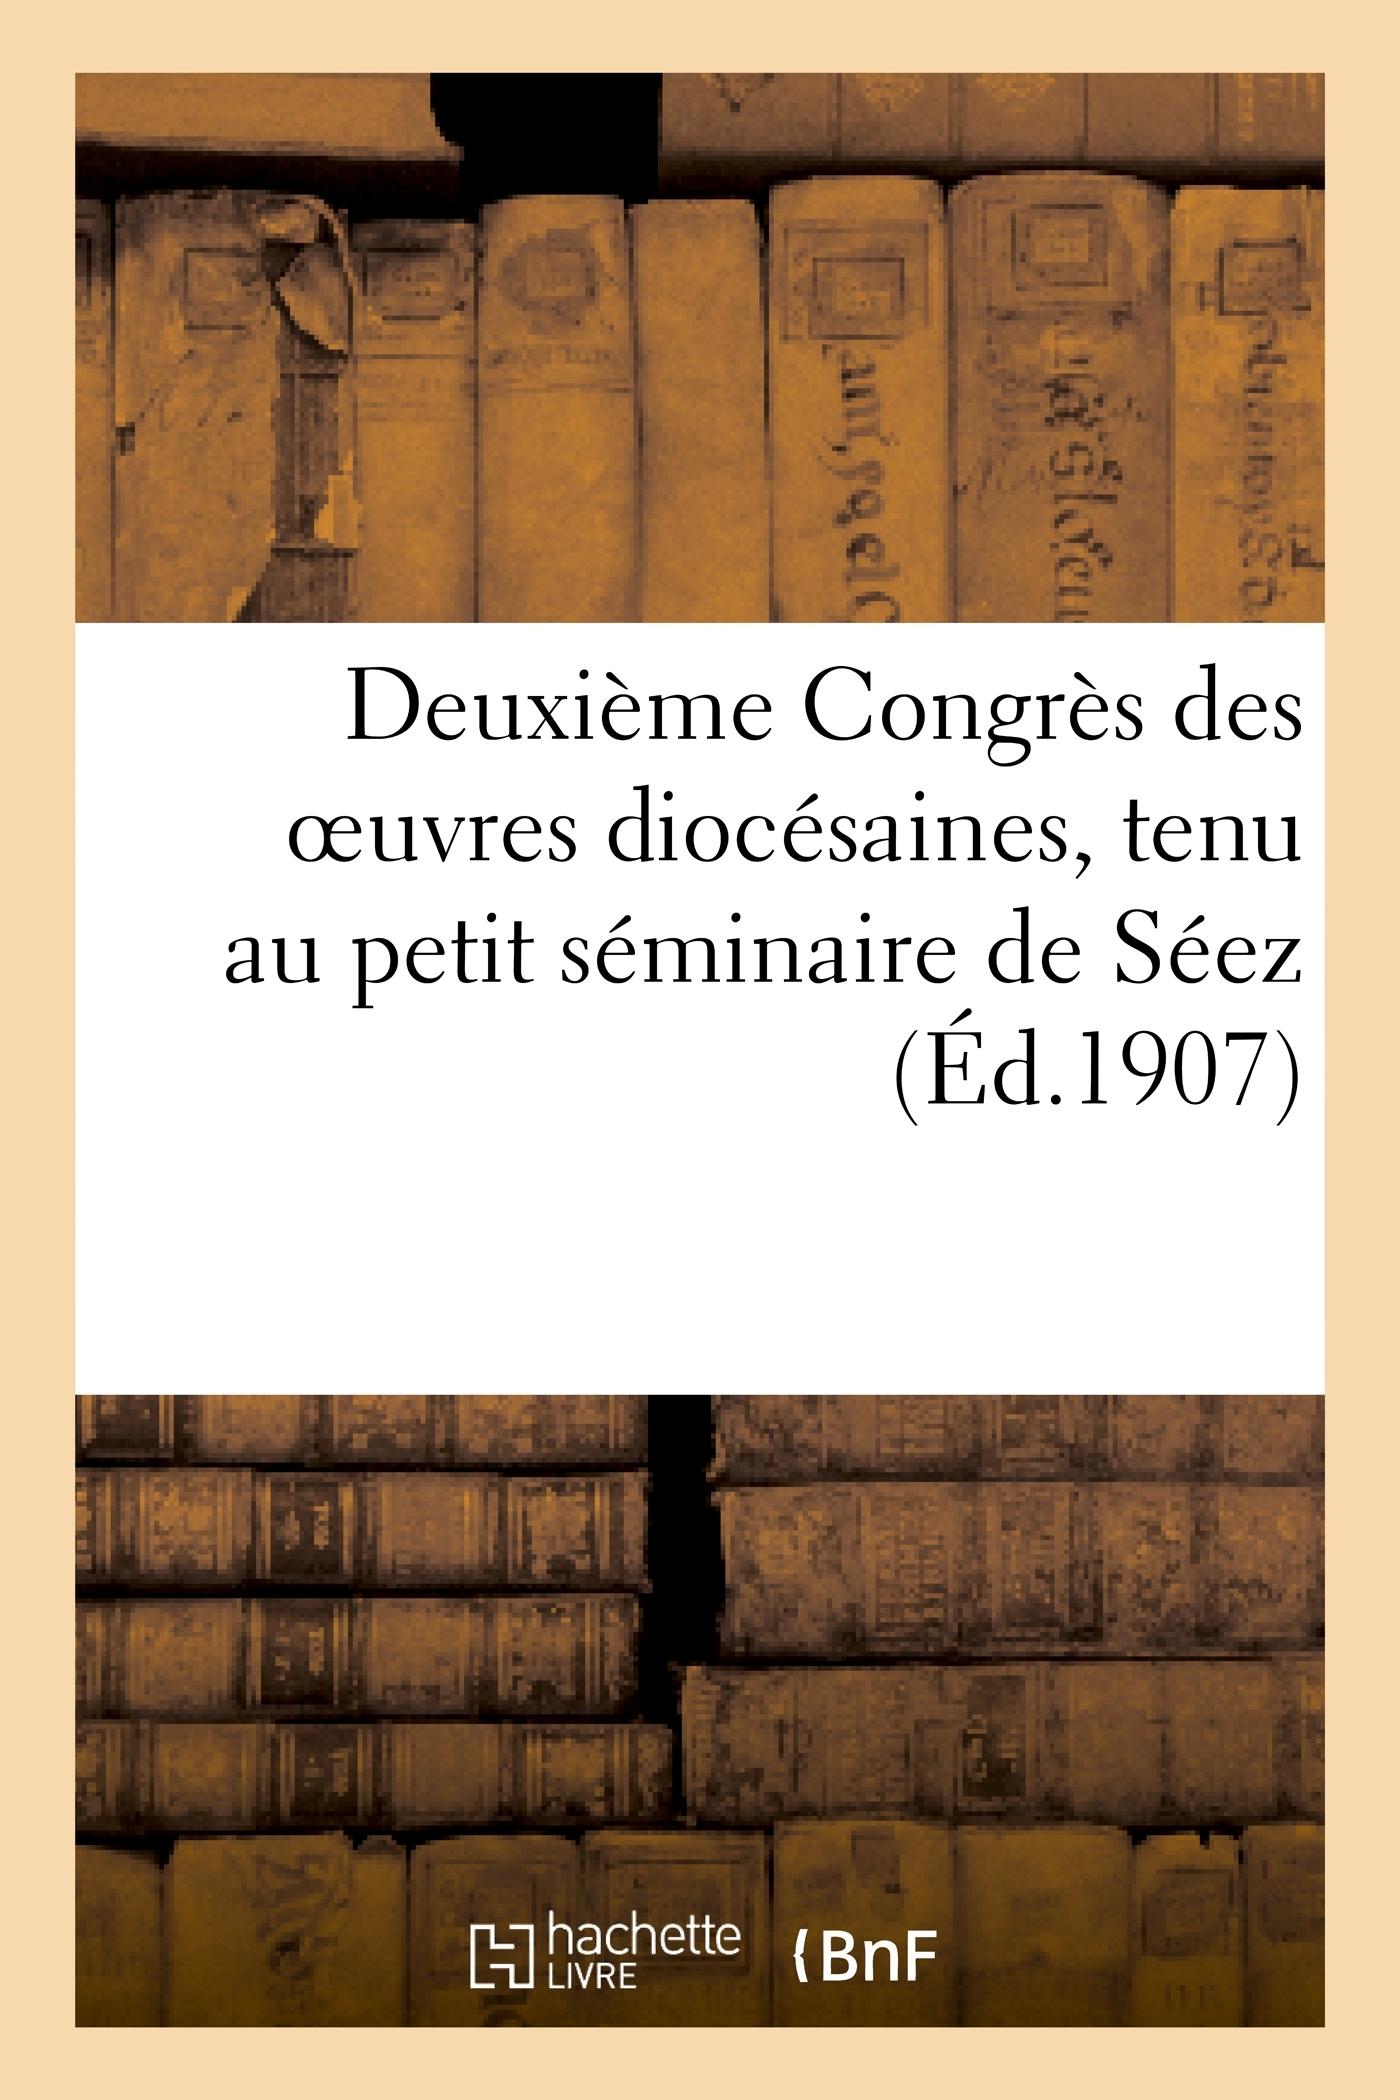 DEUXIEME CONGRES DES OEUVRES DIOCESAINES, TENU AU PETIT SEMINAIRE DE SEEZ - , LES 17 ET 18 SEPTEMBRE